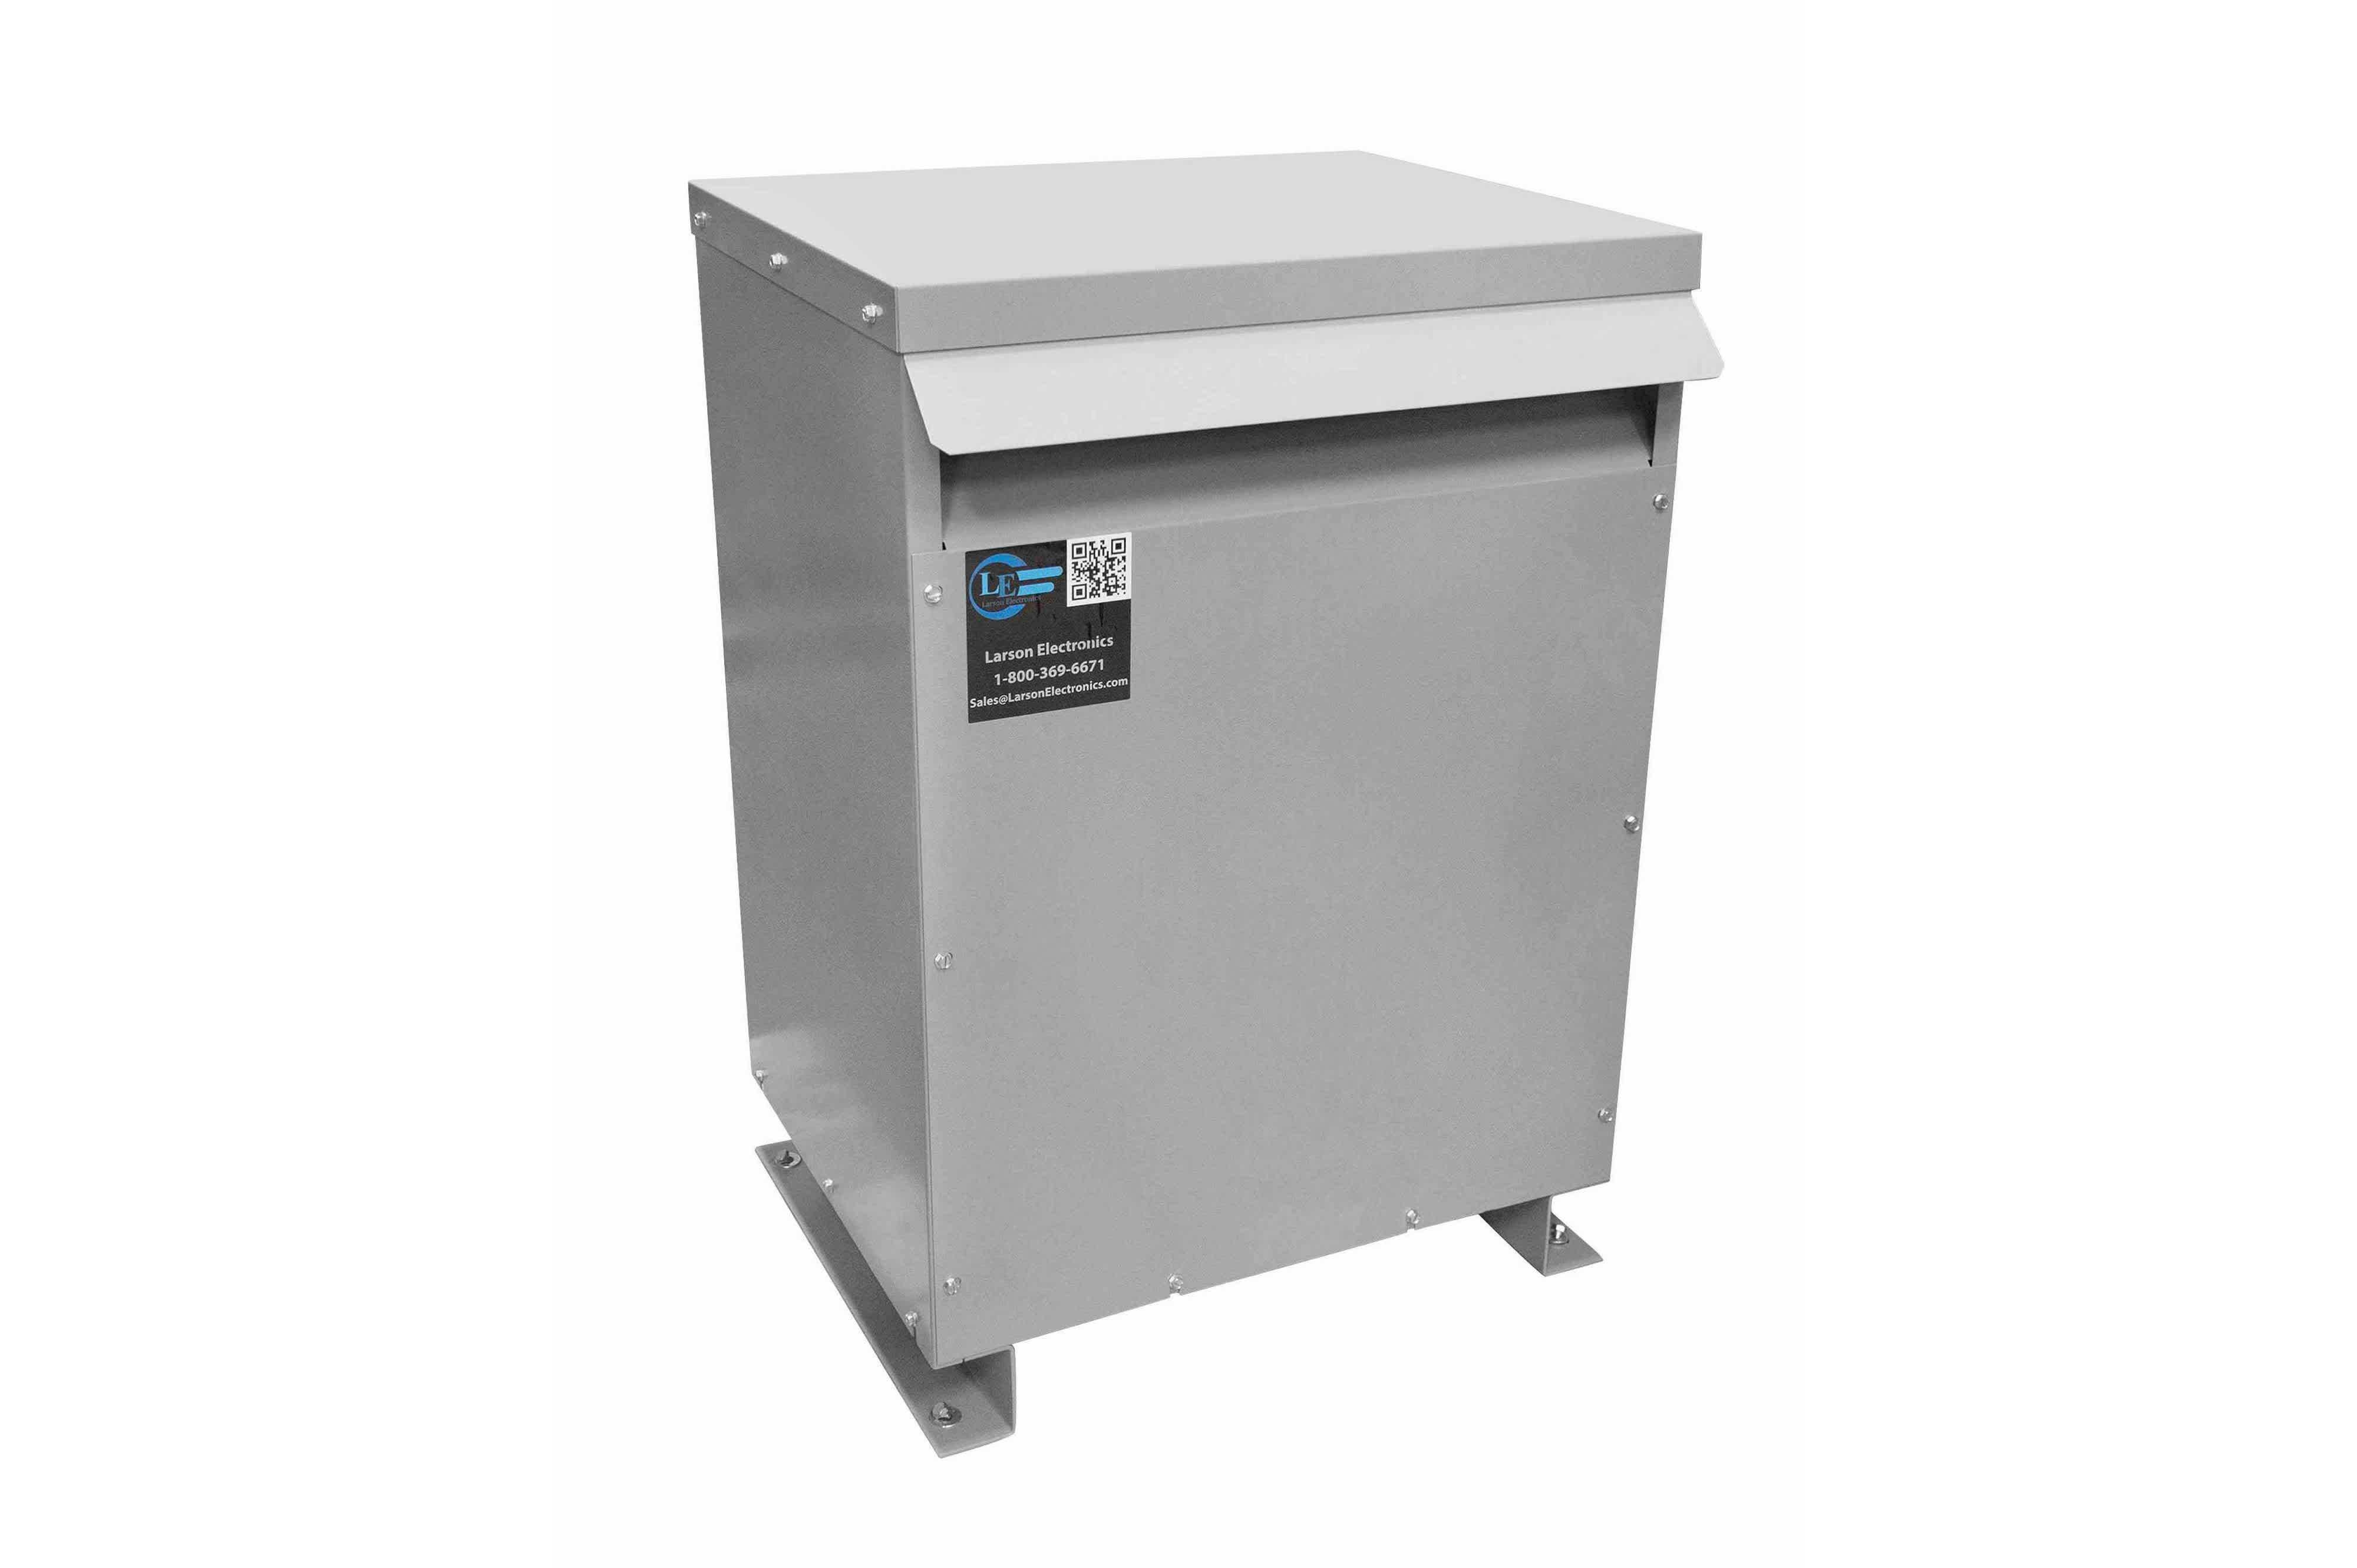 47.5 kVA 3PH Isolation Transformer, 600V Delta Primary, 480V Delta Secondary, N3R, Ventilated, 60 Hz